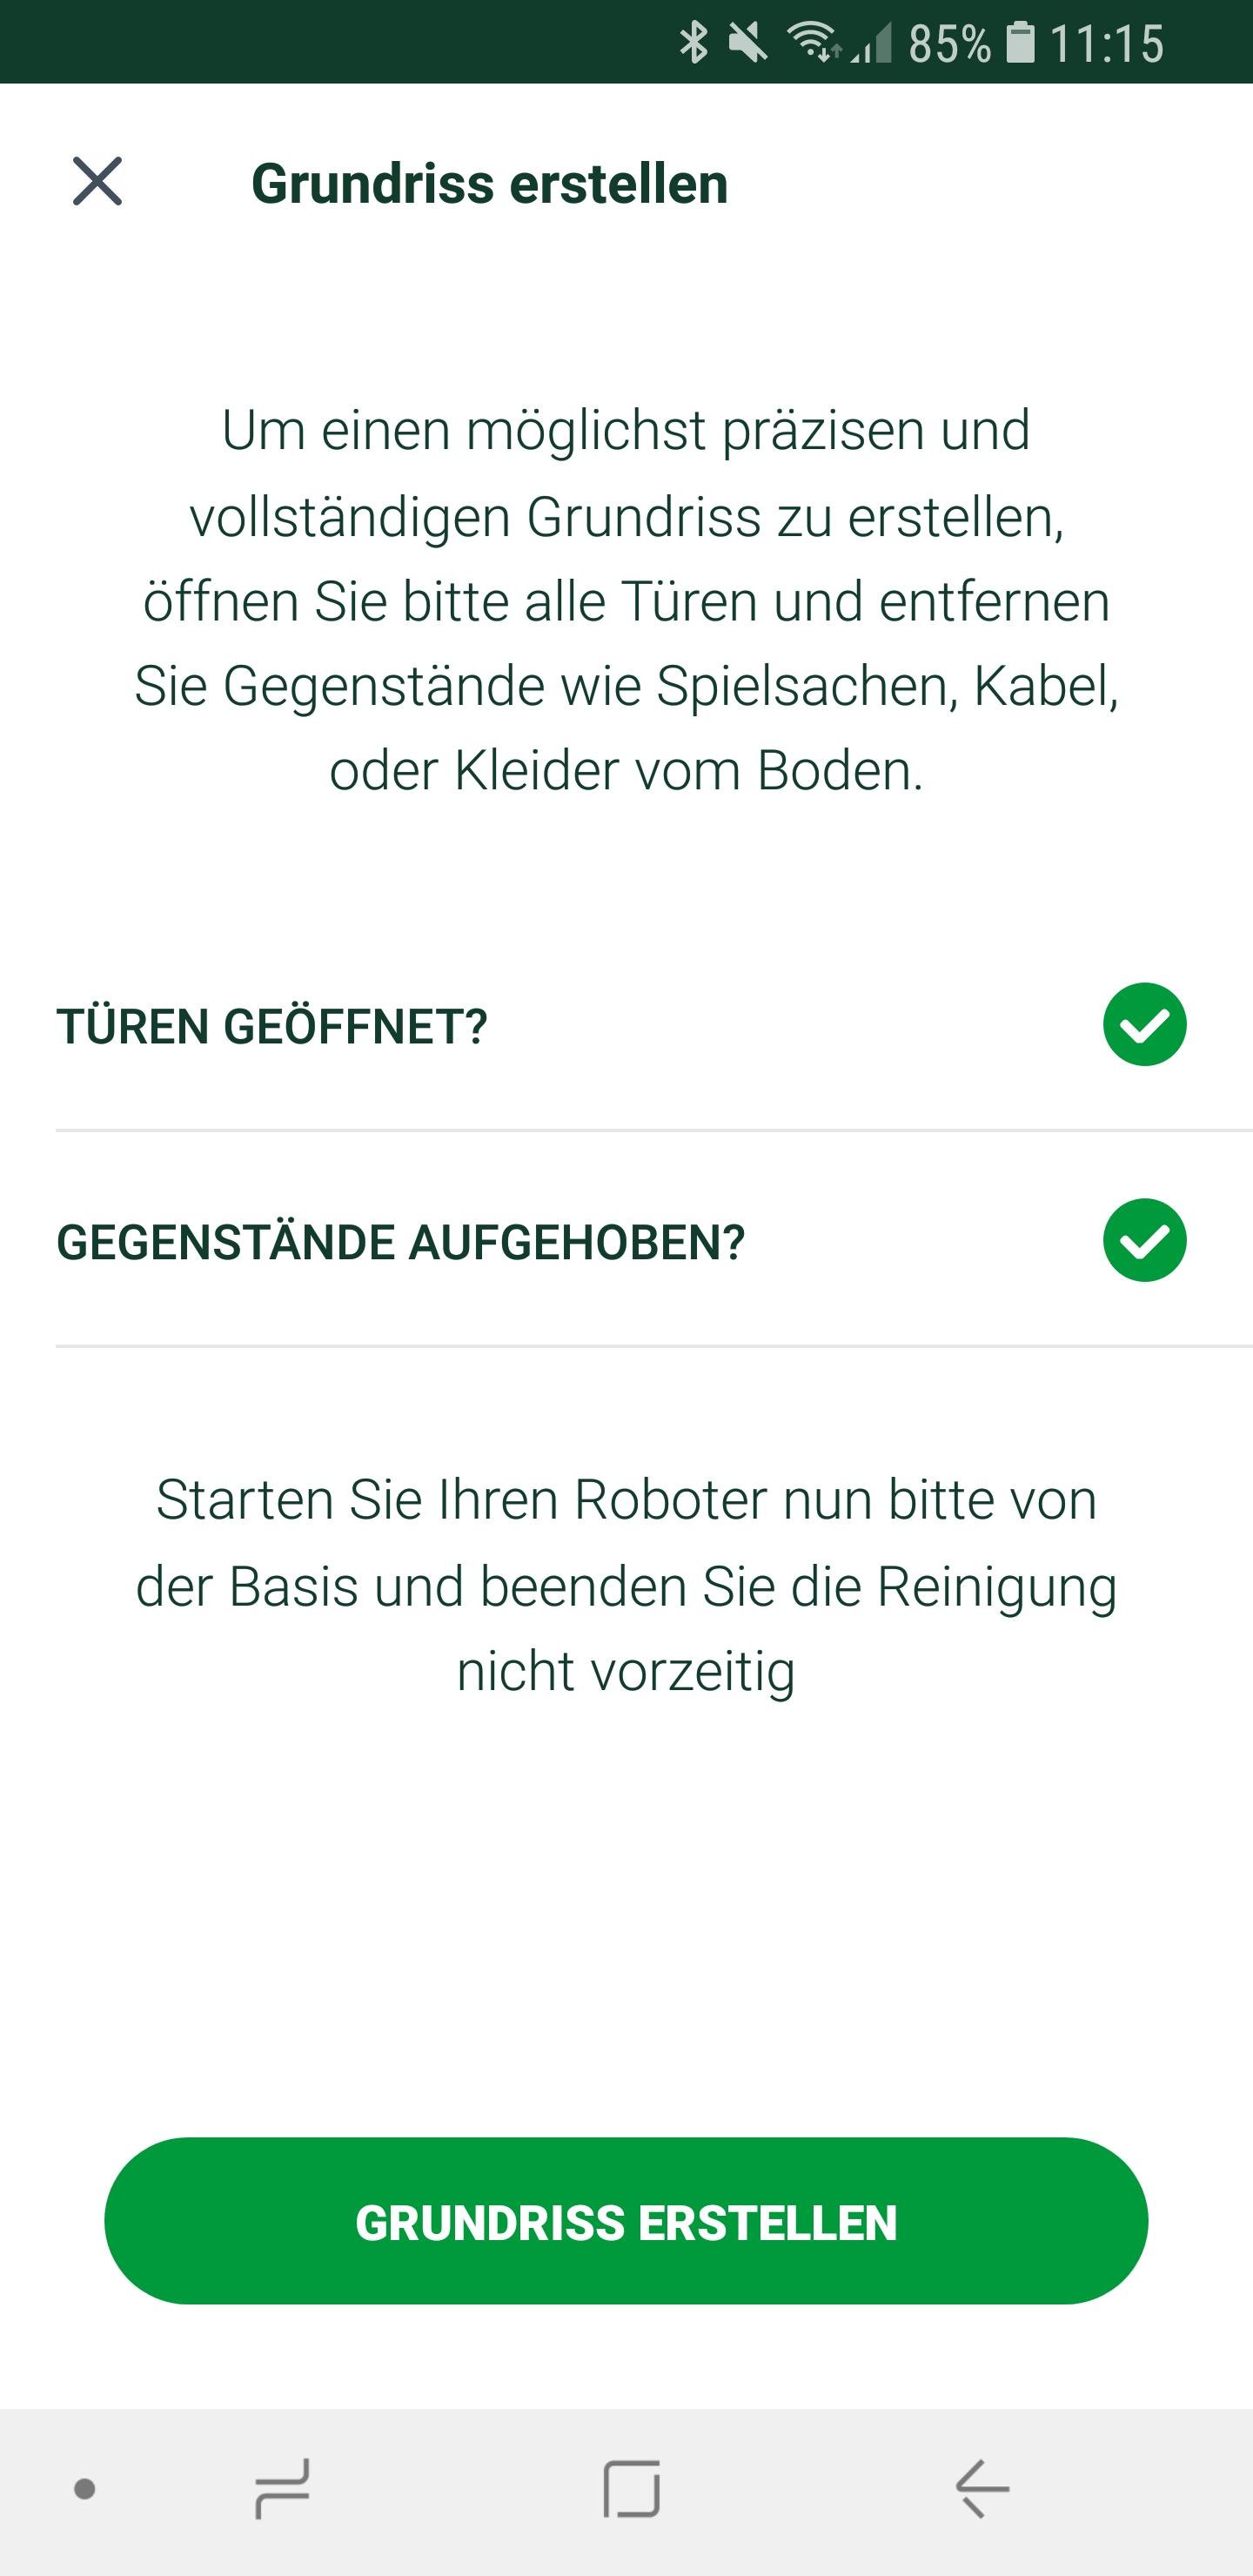 Vorwerk-Kobold-VR300-Grundriss-erstellen-2